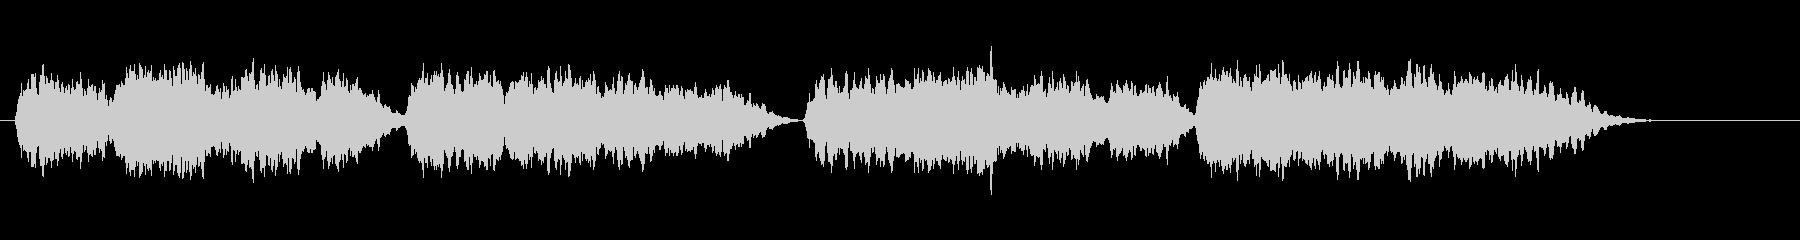 せつない感じのするオーケストラ風の曲ですの未再生の波形